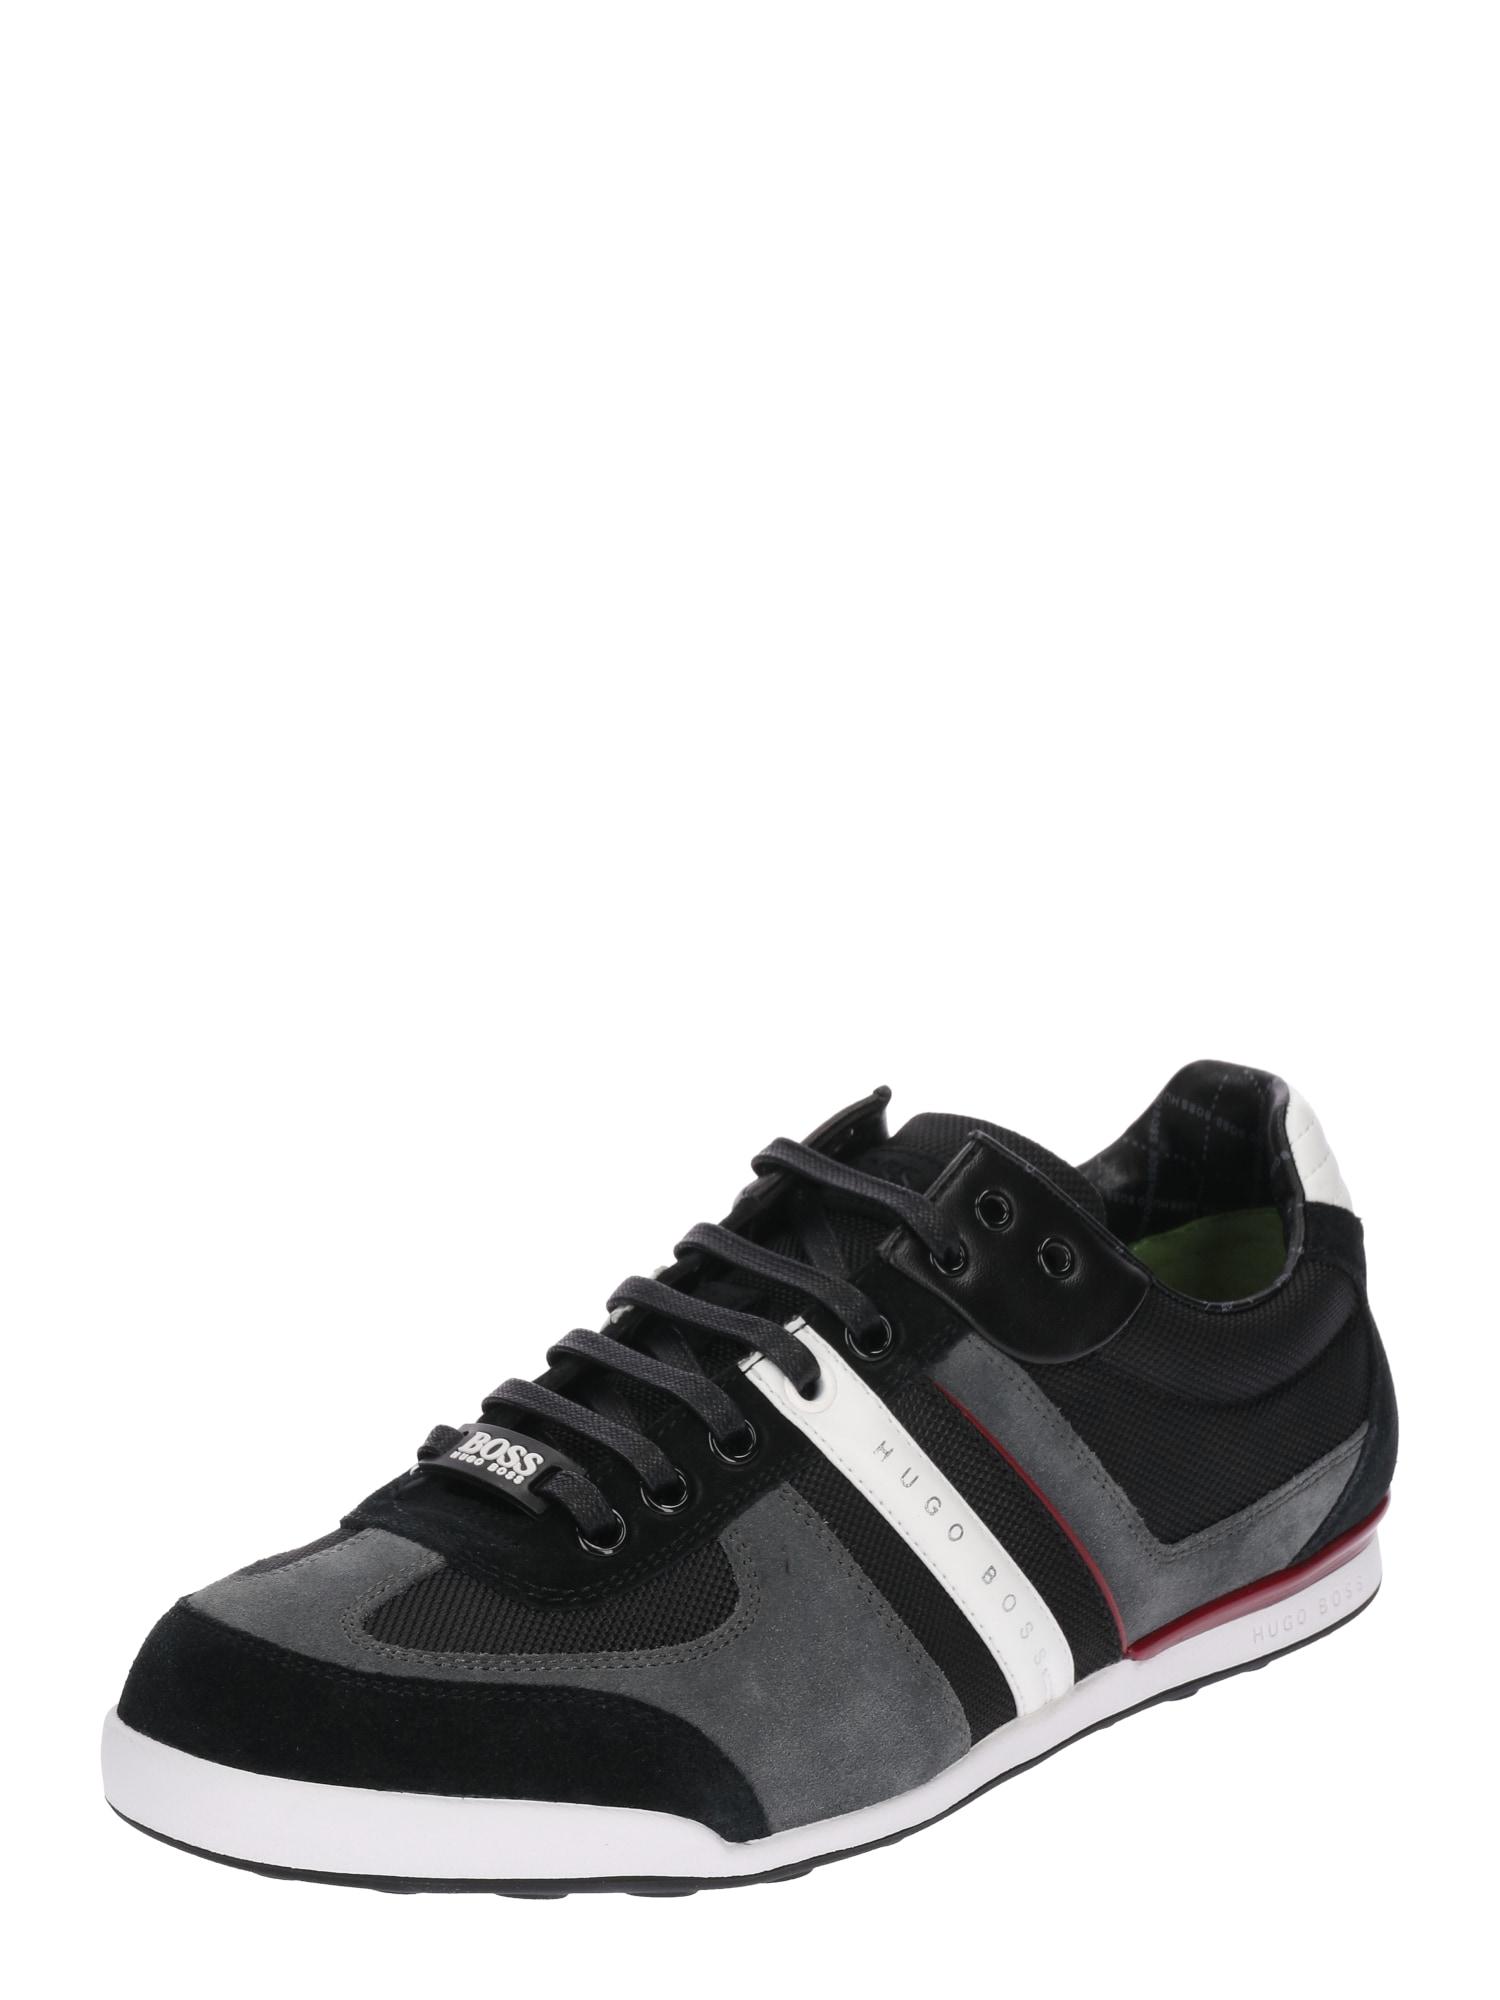 Sportovní šněrovací boty Akeen tmavě šedá černá BOSS